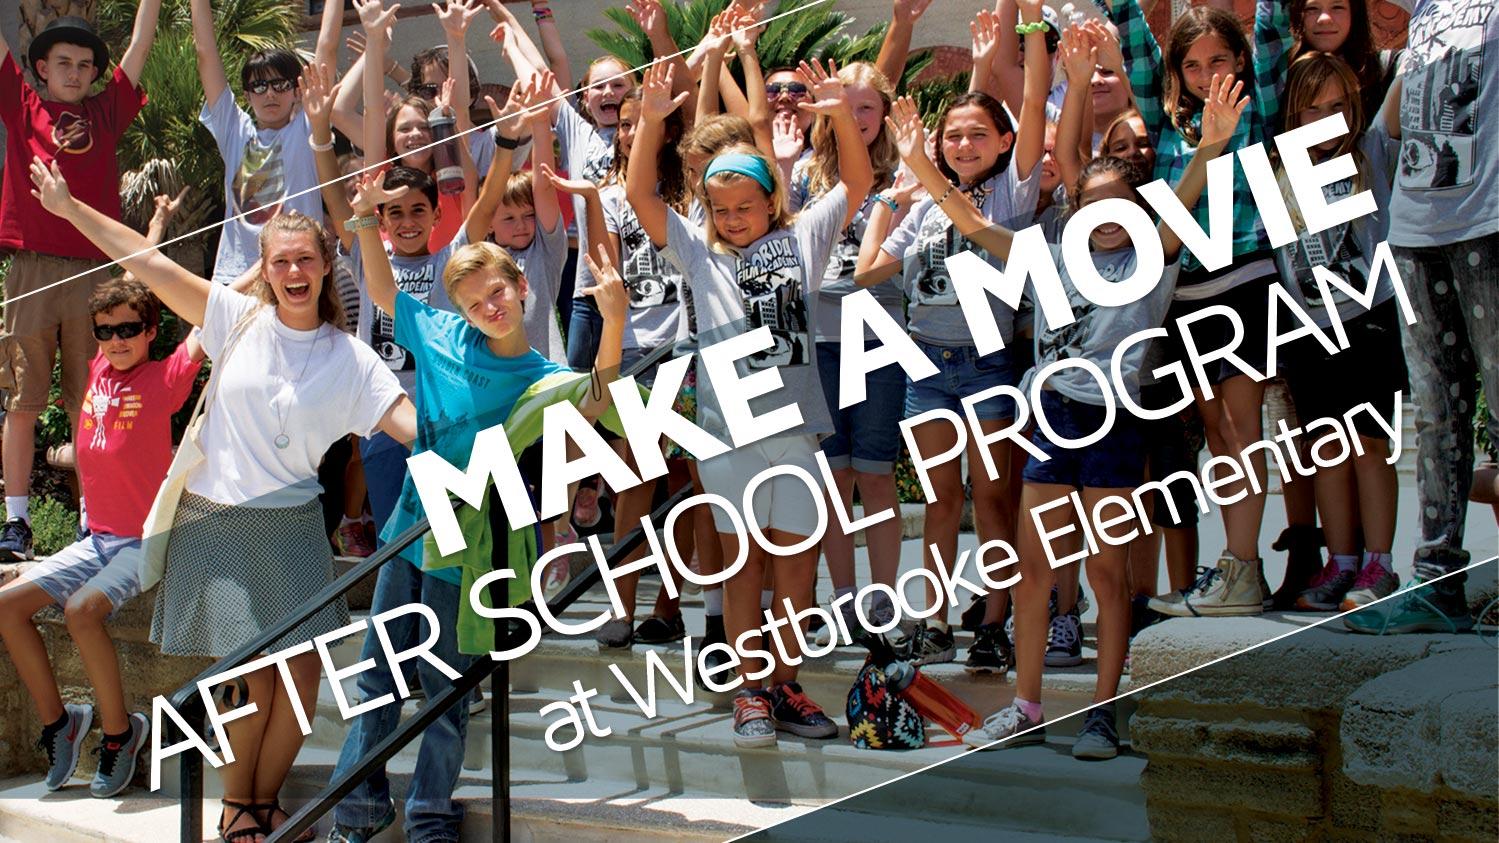 westbrooke elementary ffa after school